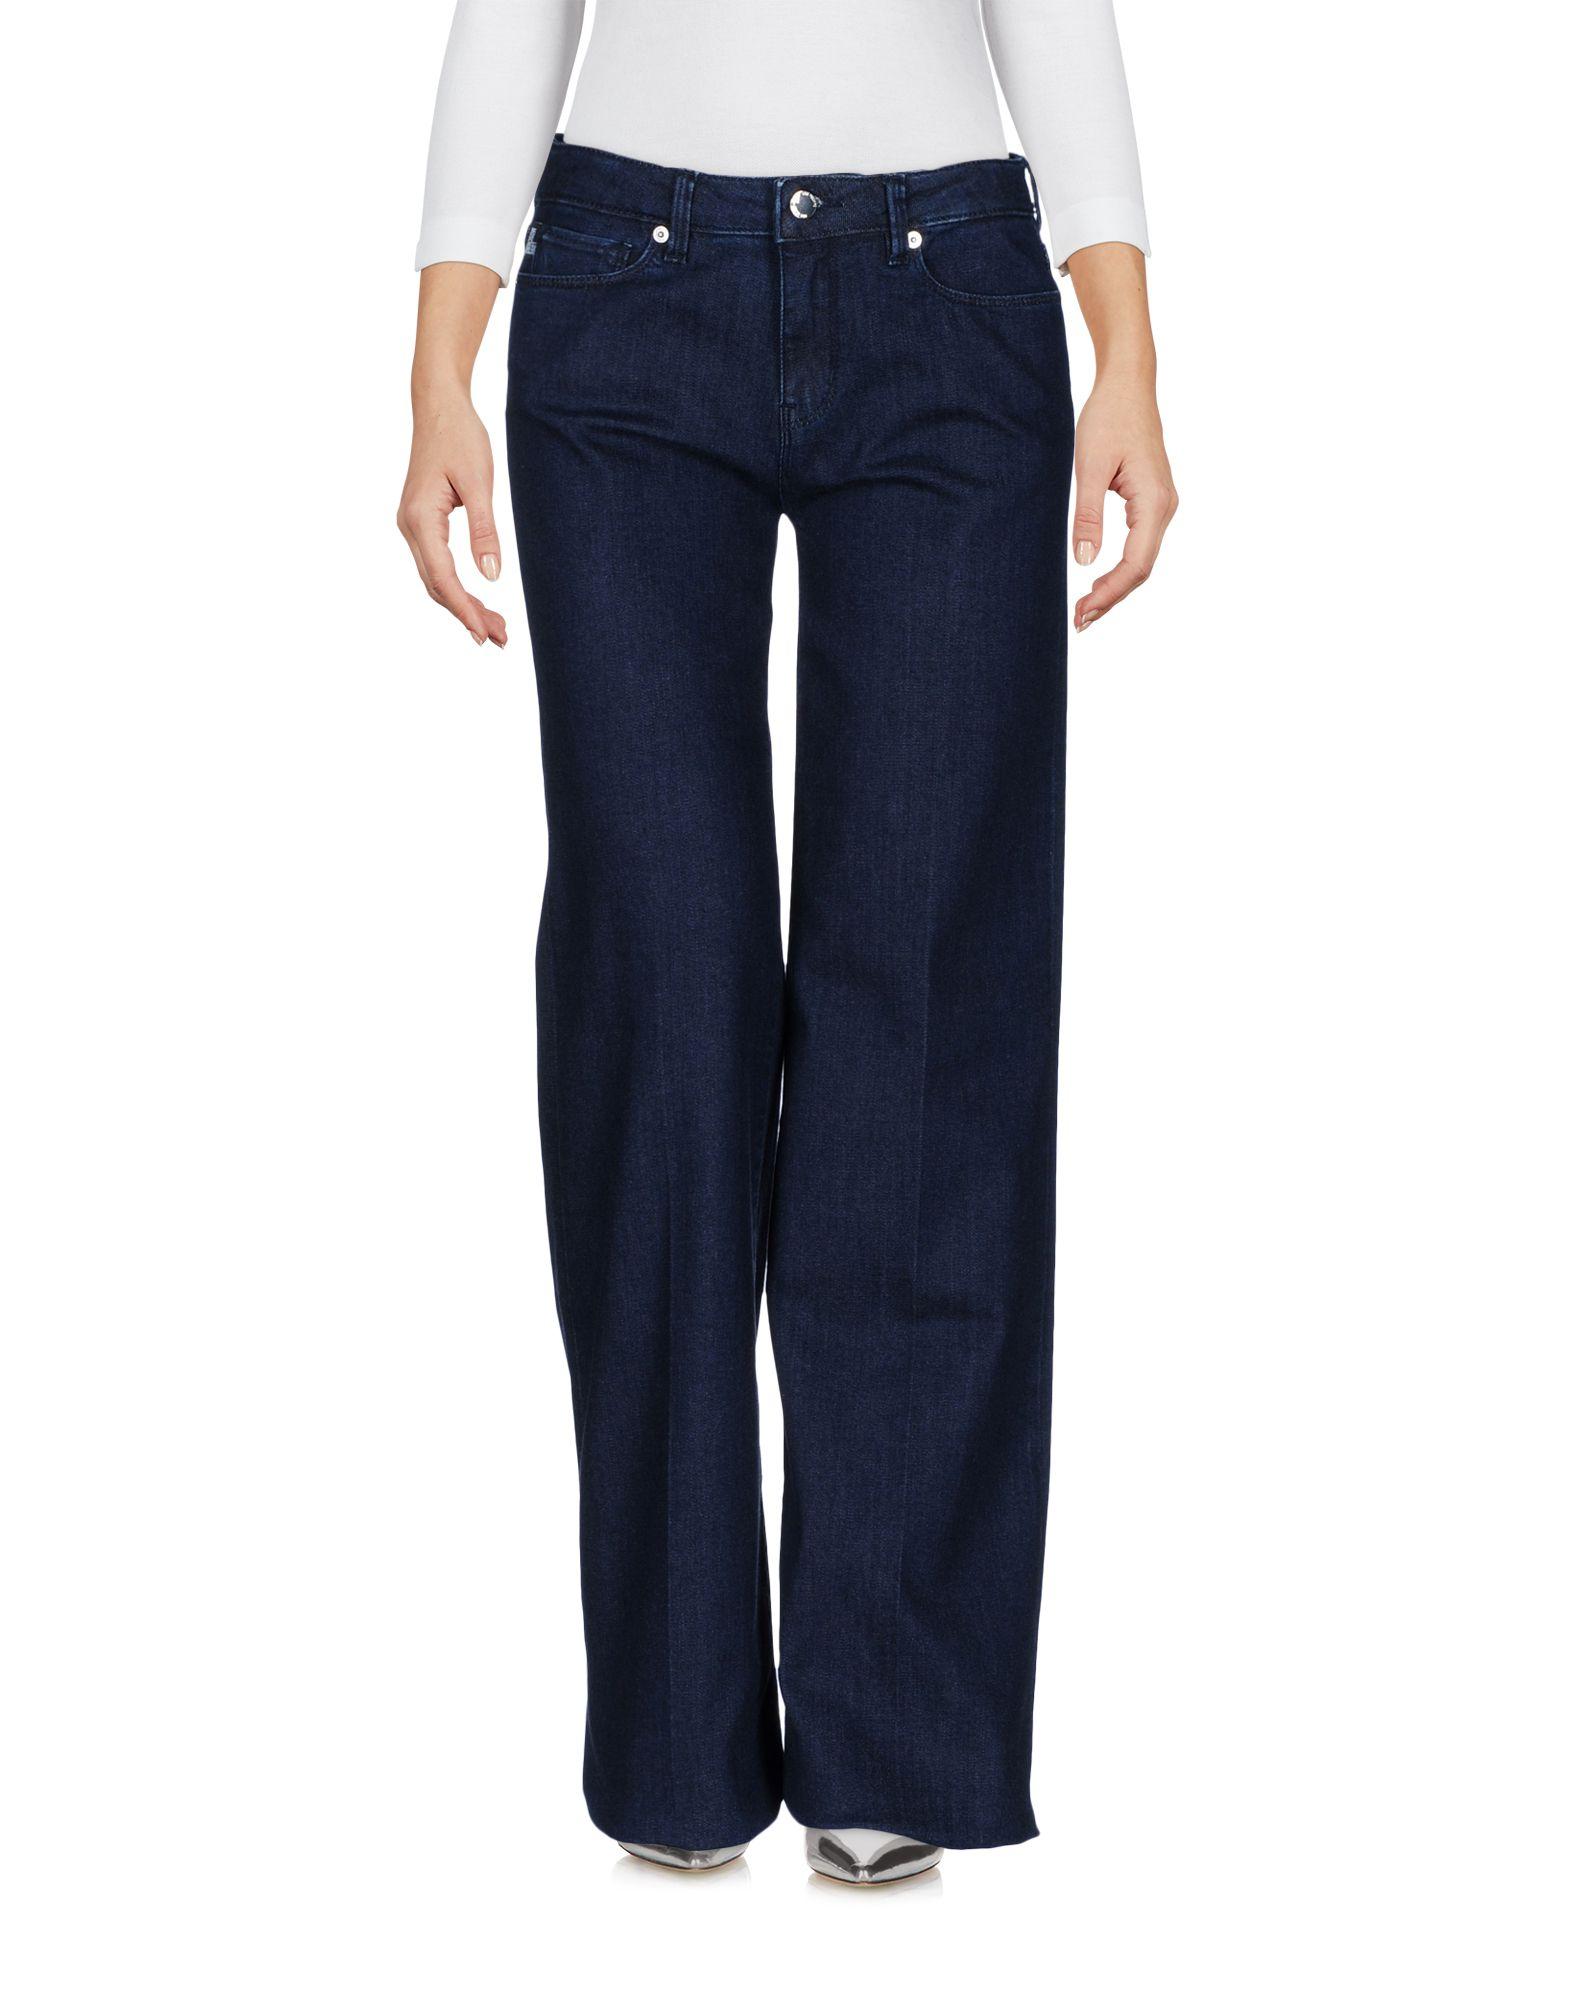 Pantaloni Jeans Jeans   Mos no donna - 42634741LI